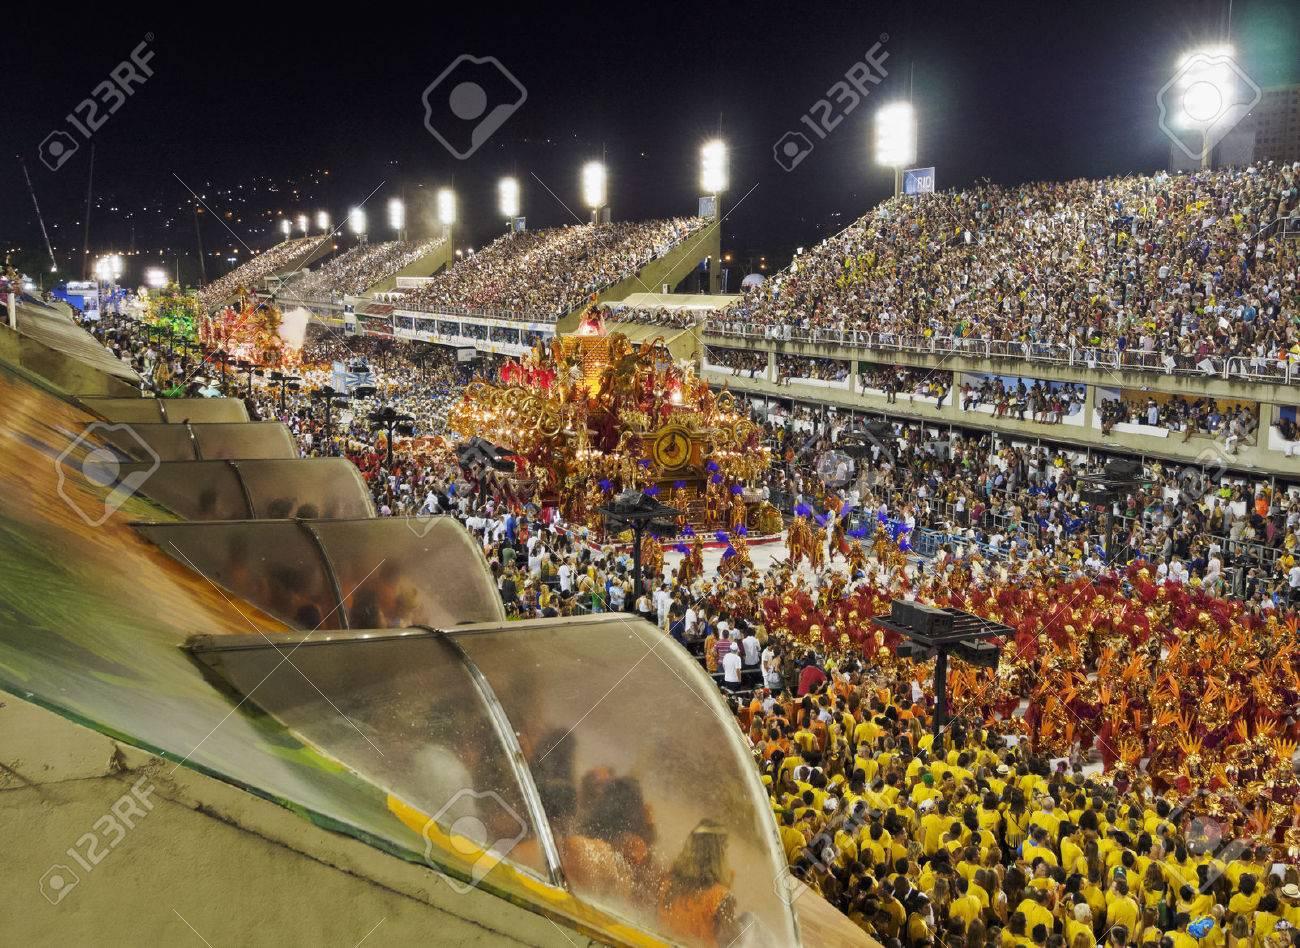 Brazil, State of Rio de Janeiro, City of Rio de Janeiro, Carnival Parade at The Sambadrome Marques de Sapucai. - 63615952